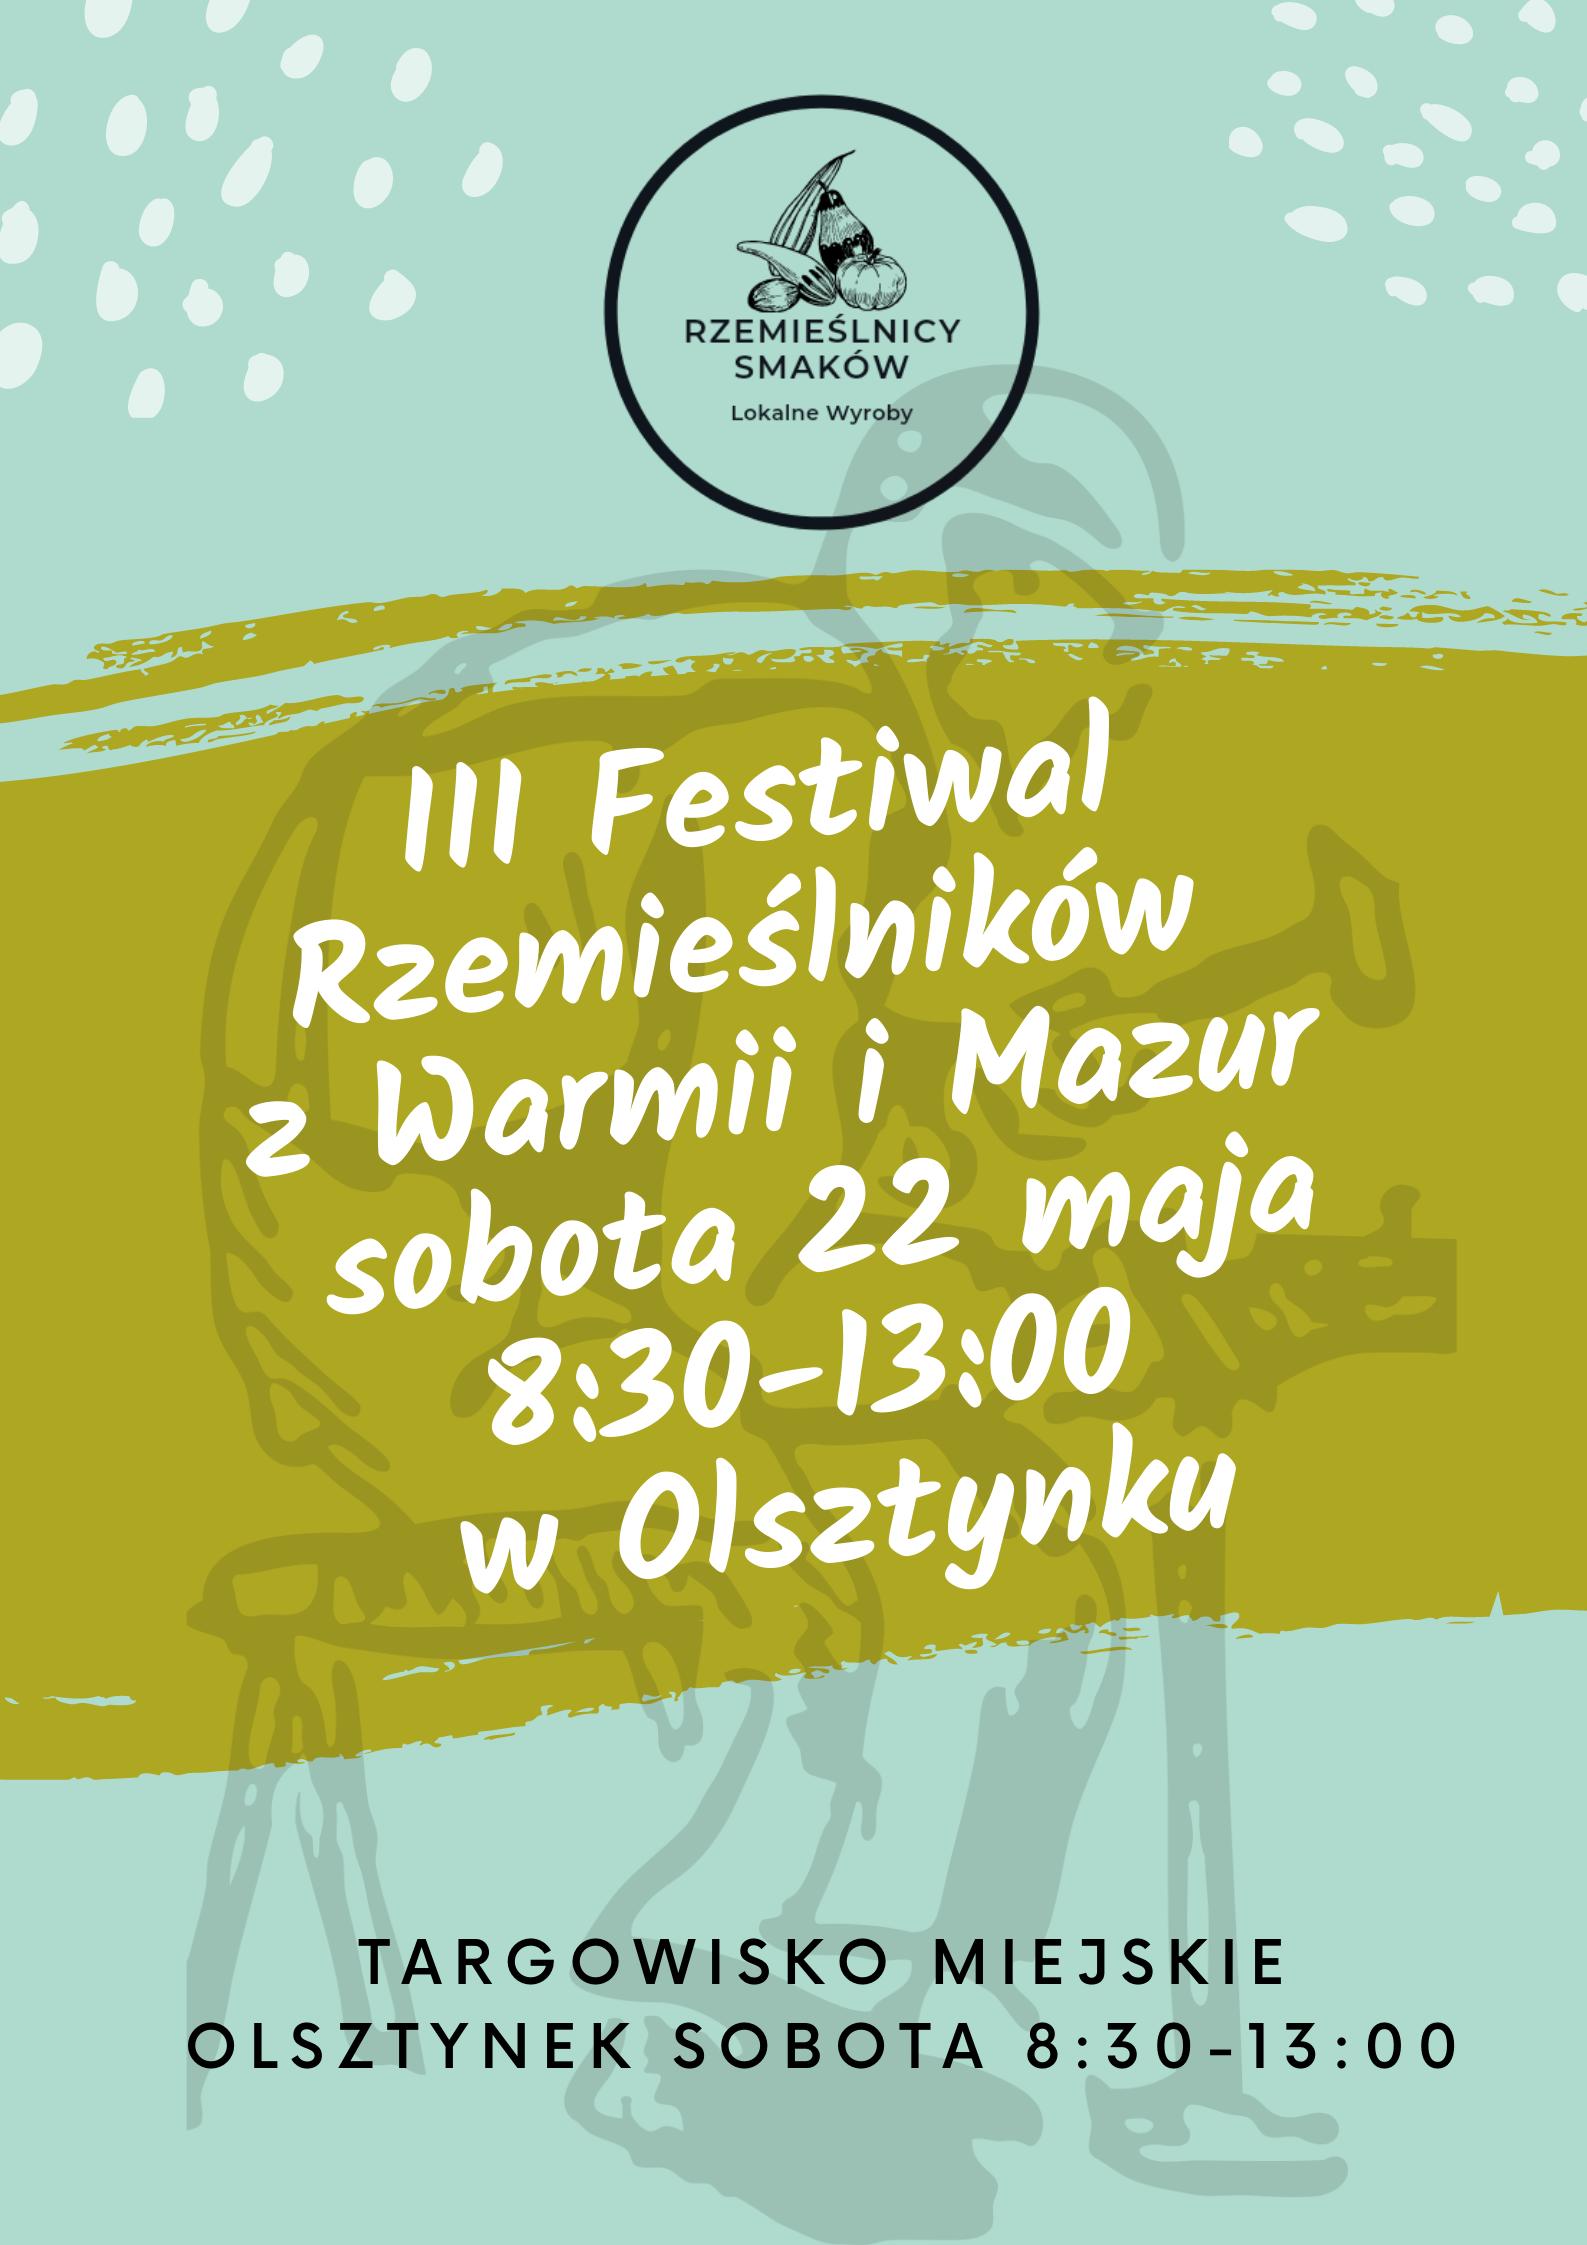 https://m.powiatszczycienski.pl/2021/05/orig/184790733-140725811371681-9009212217887603486-n-40546.png